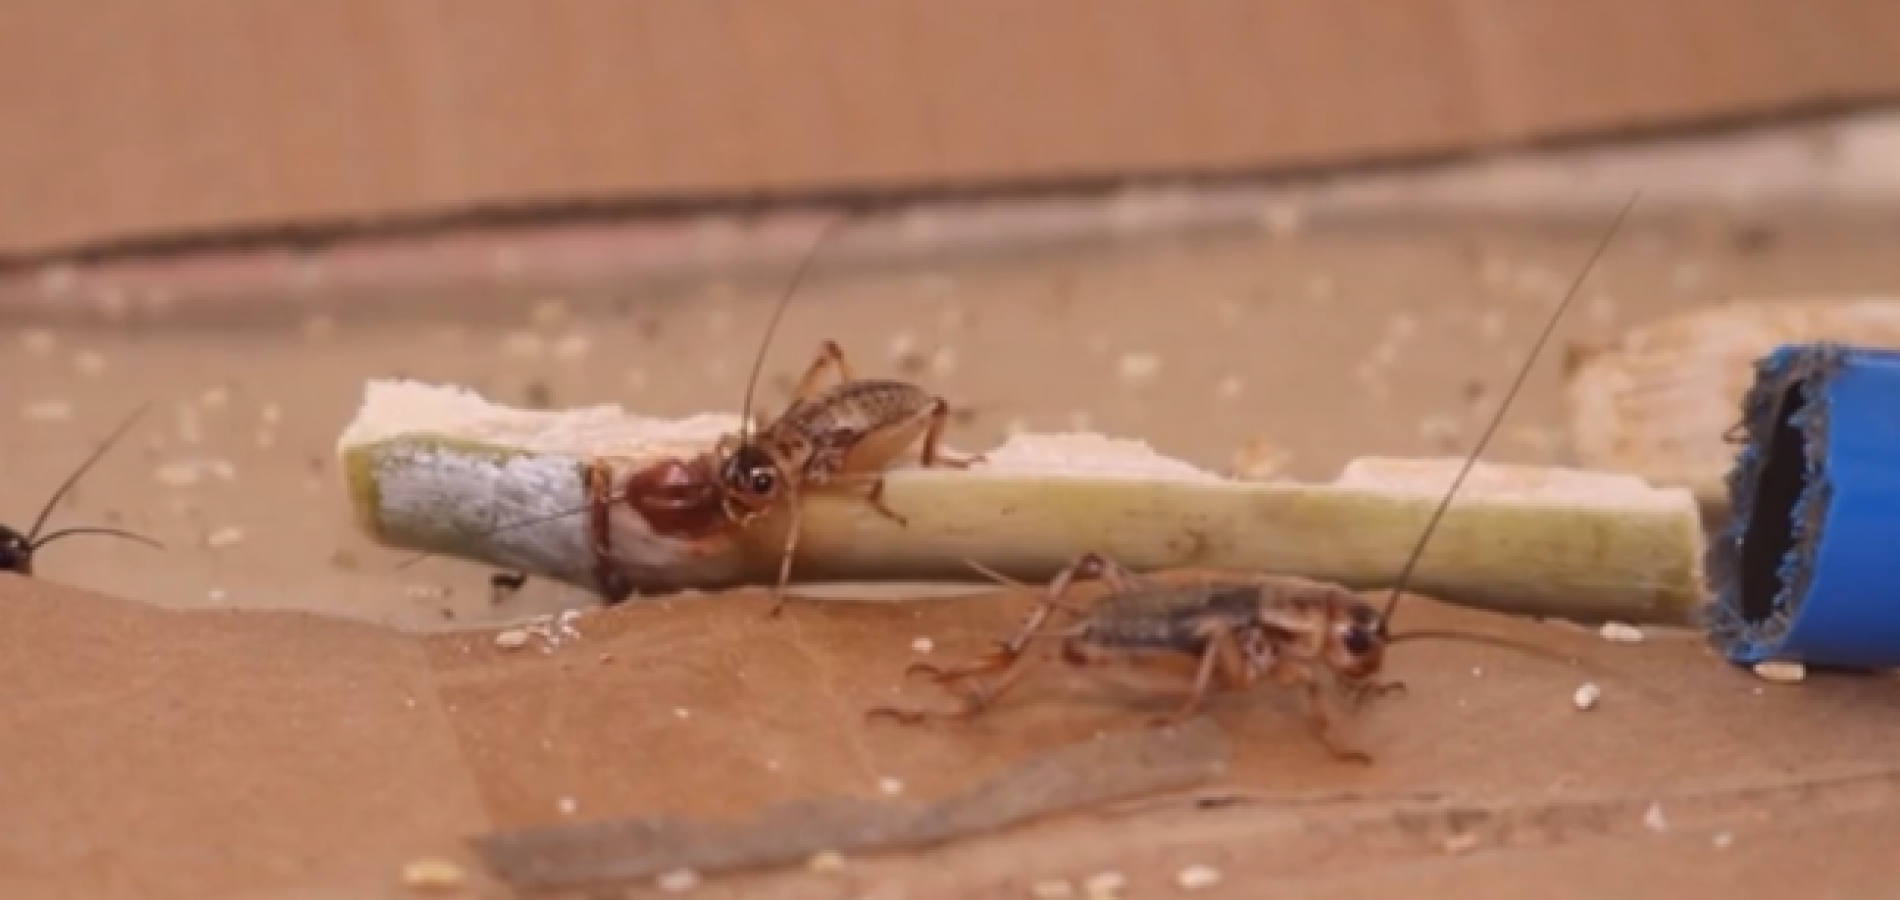 Pesquisa desenvolvida no Piauí utiliza insetos na alimentação animal e humana